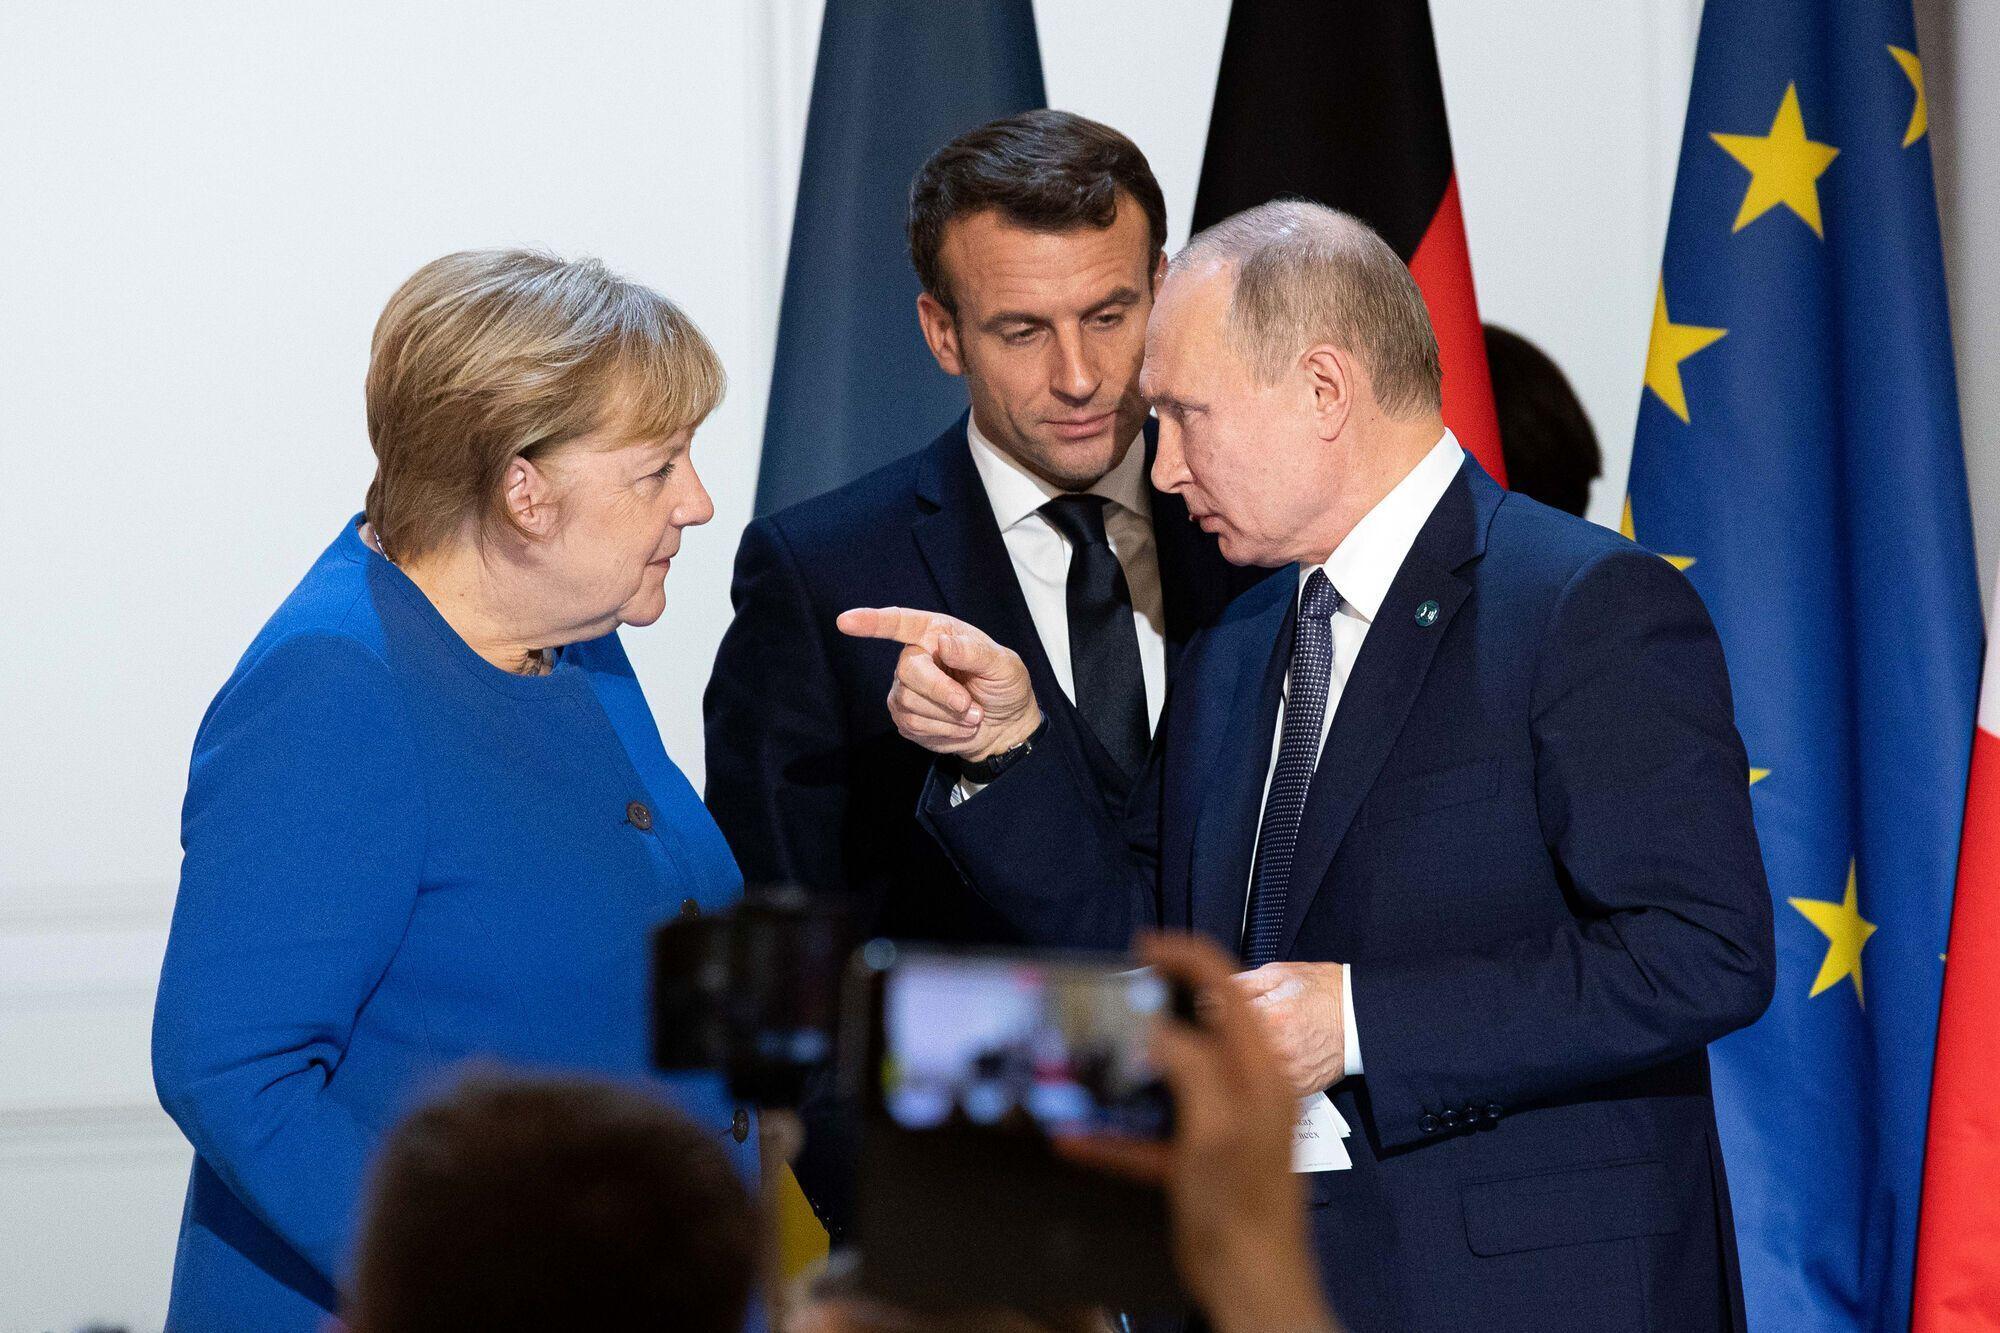 Ангела Меркель, Еммануель Макрон і Володимир Путін